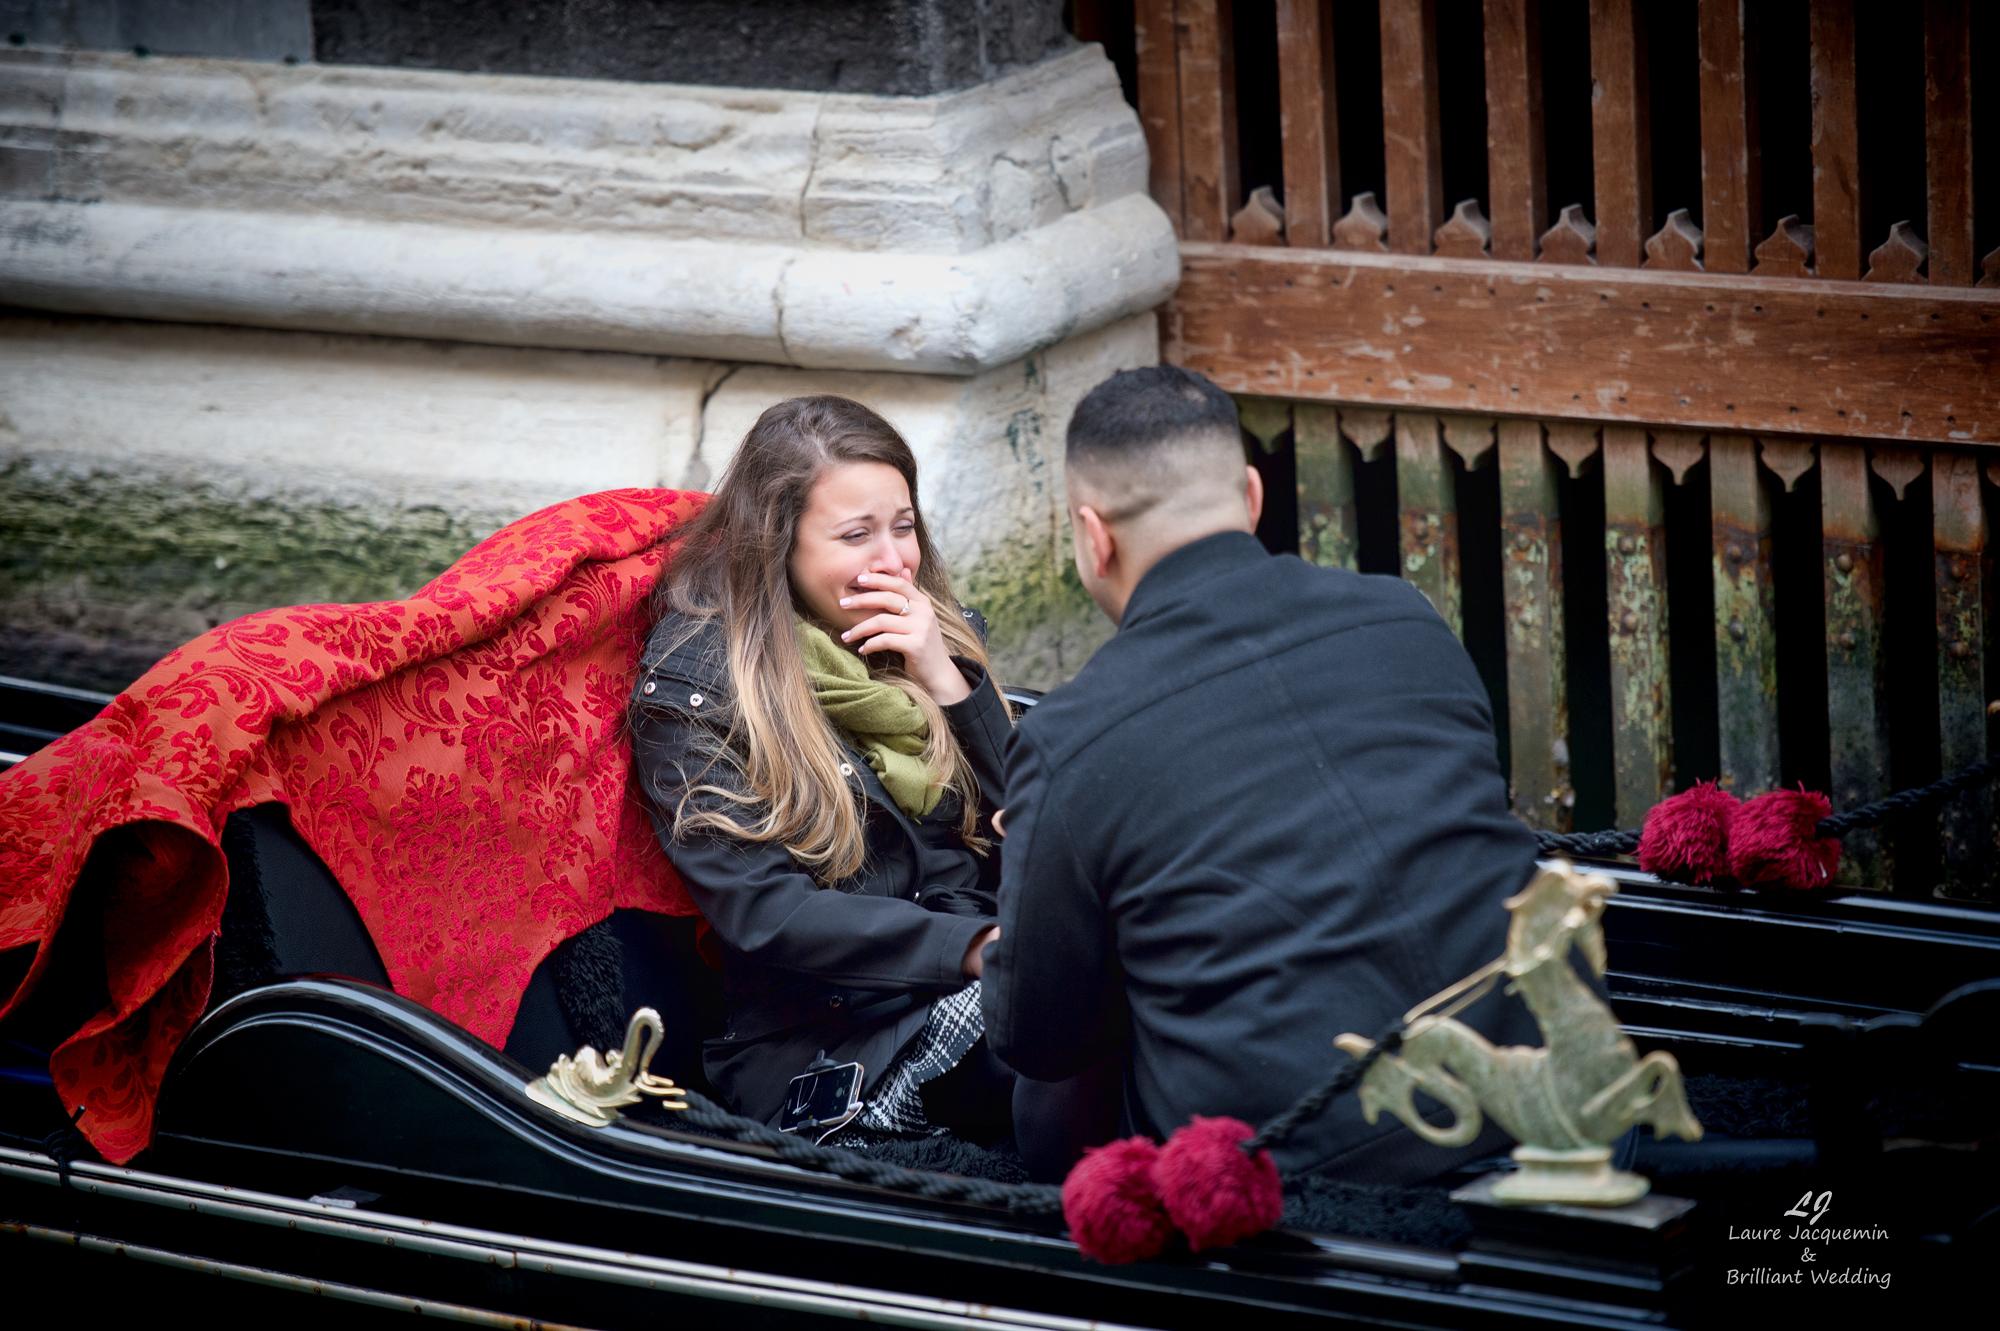 Mariage Venise Photographe fiancailles demande en mariage laure jacquemin   (3)